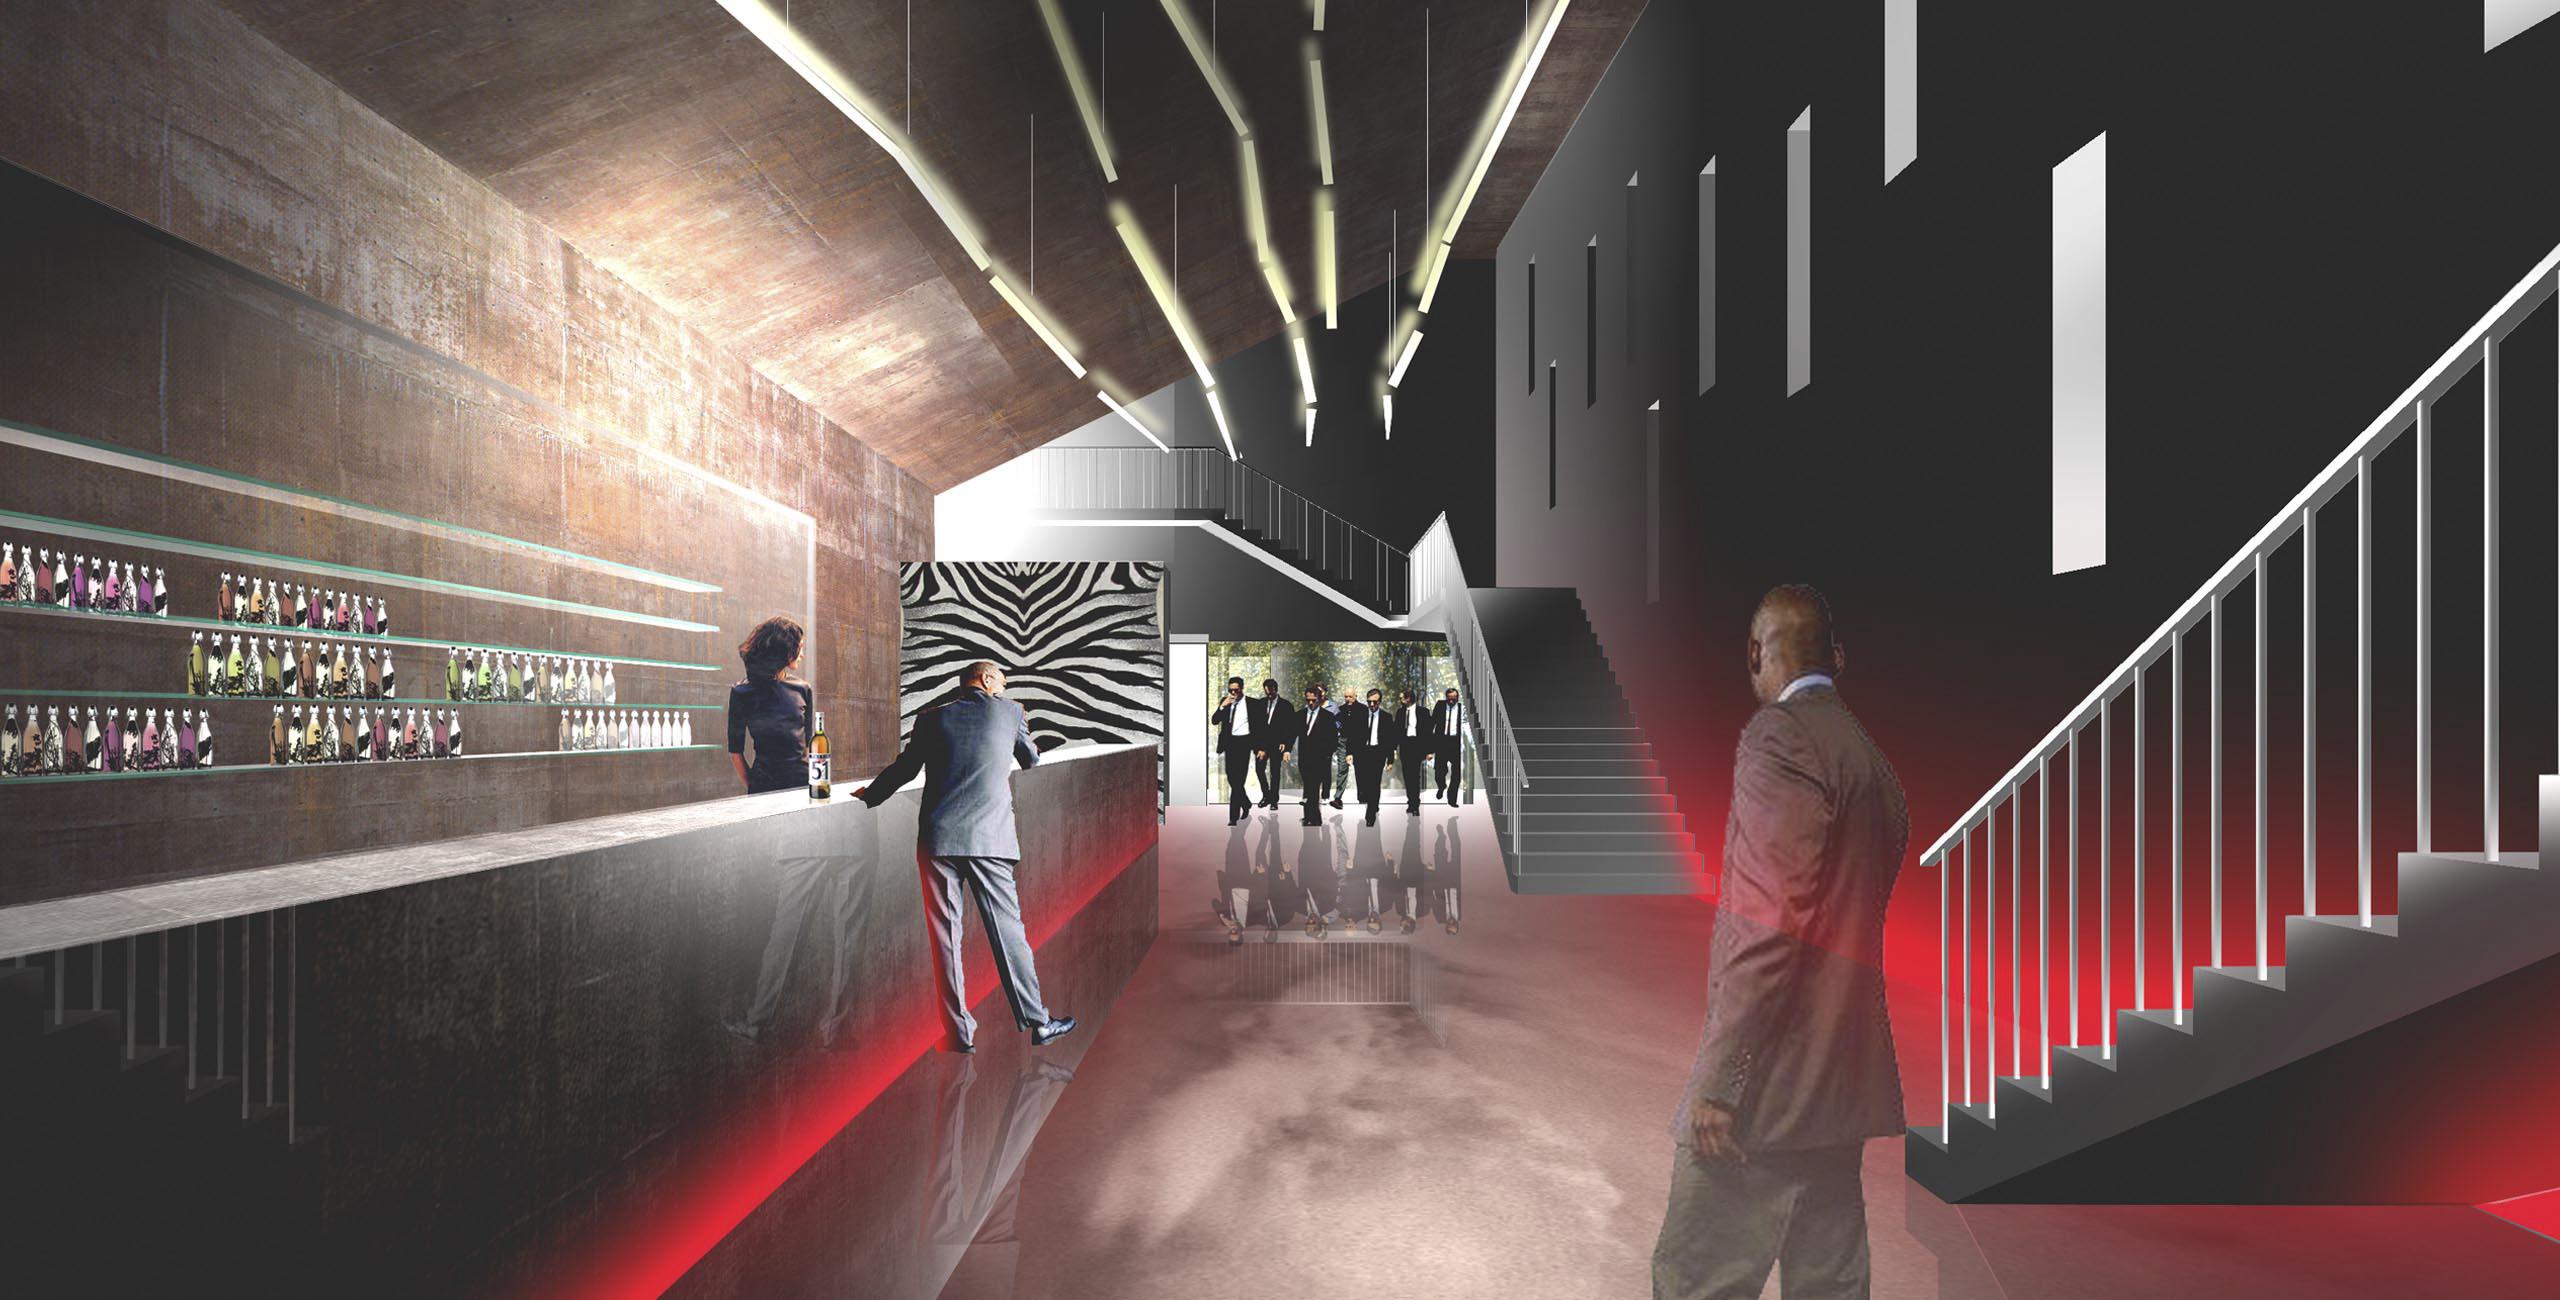 Salle de spectacle Béziers BF Architecture 4